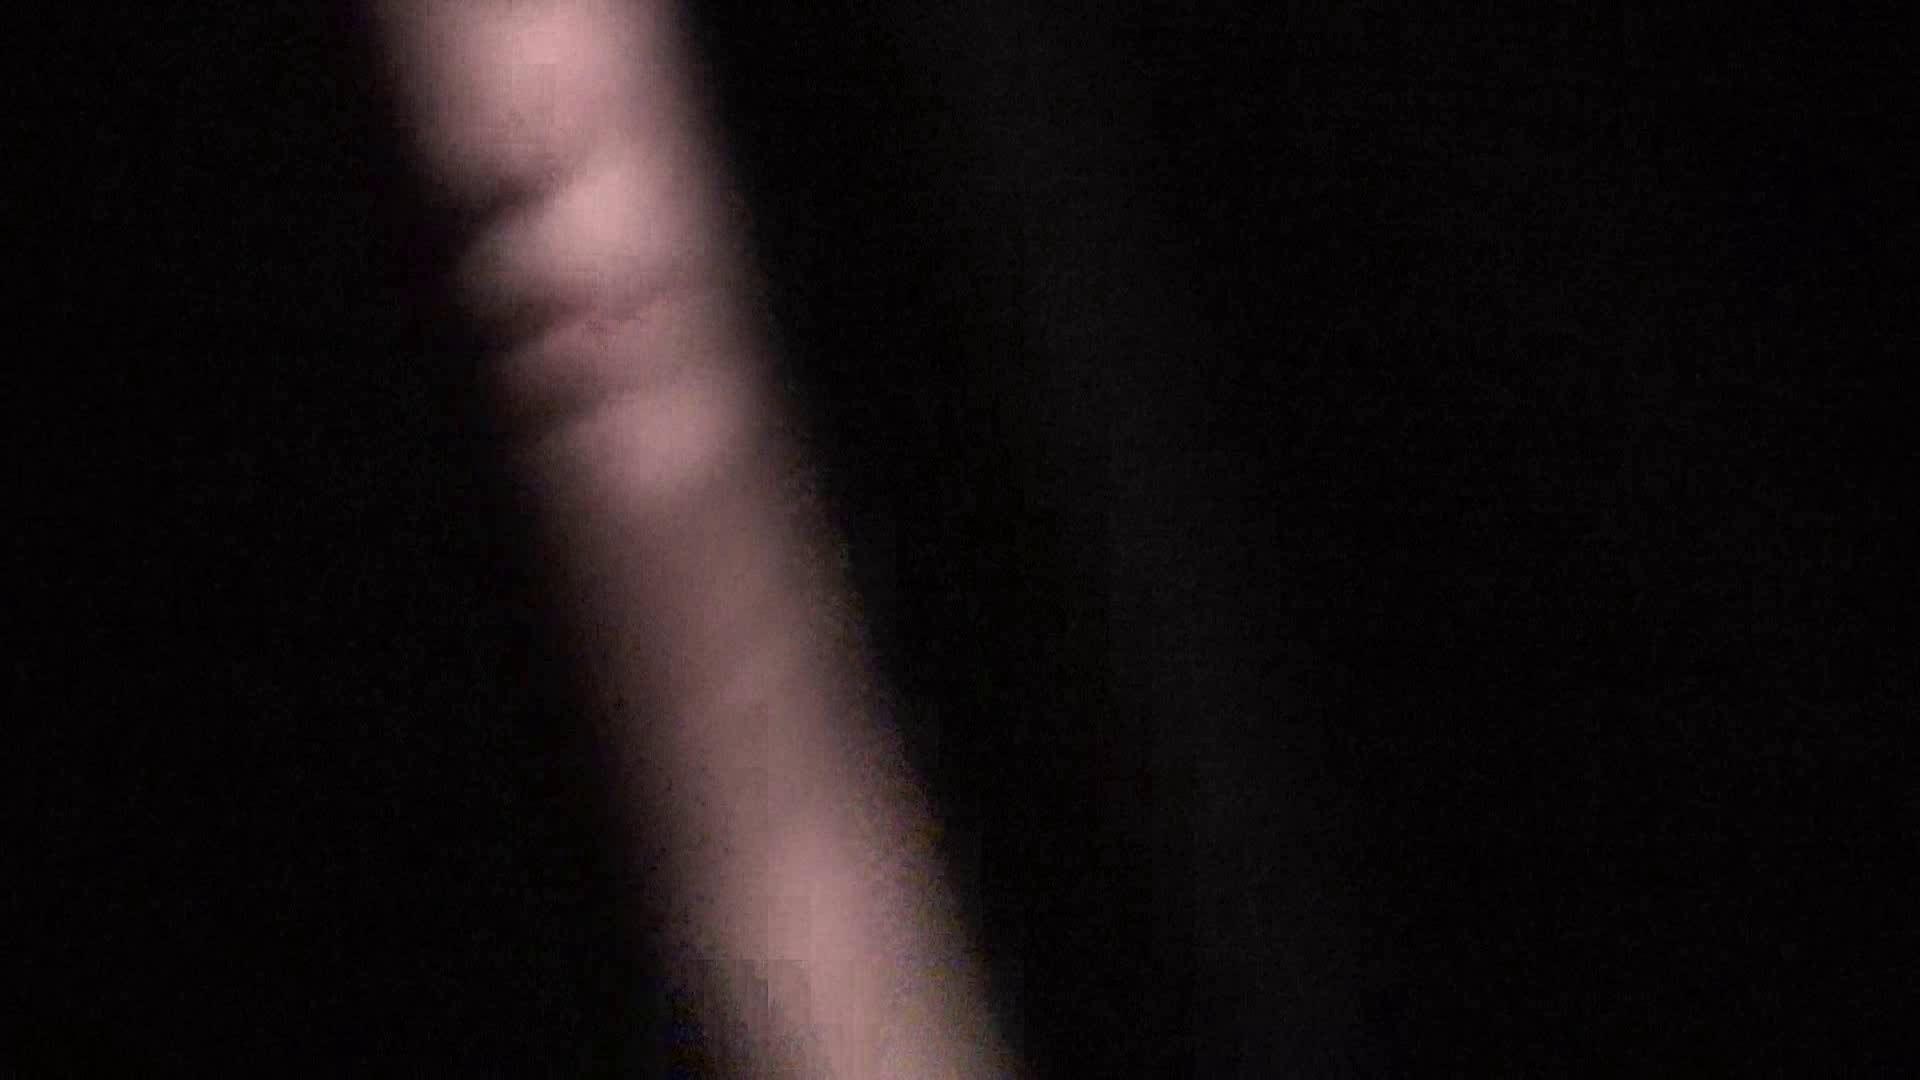 民家の騎士さんの最後の性戦ハイビジョン!!No.66 プライベート | 洗面所はめどり  78画像 49